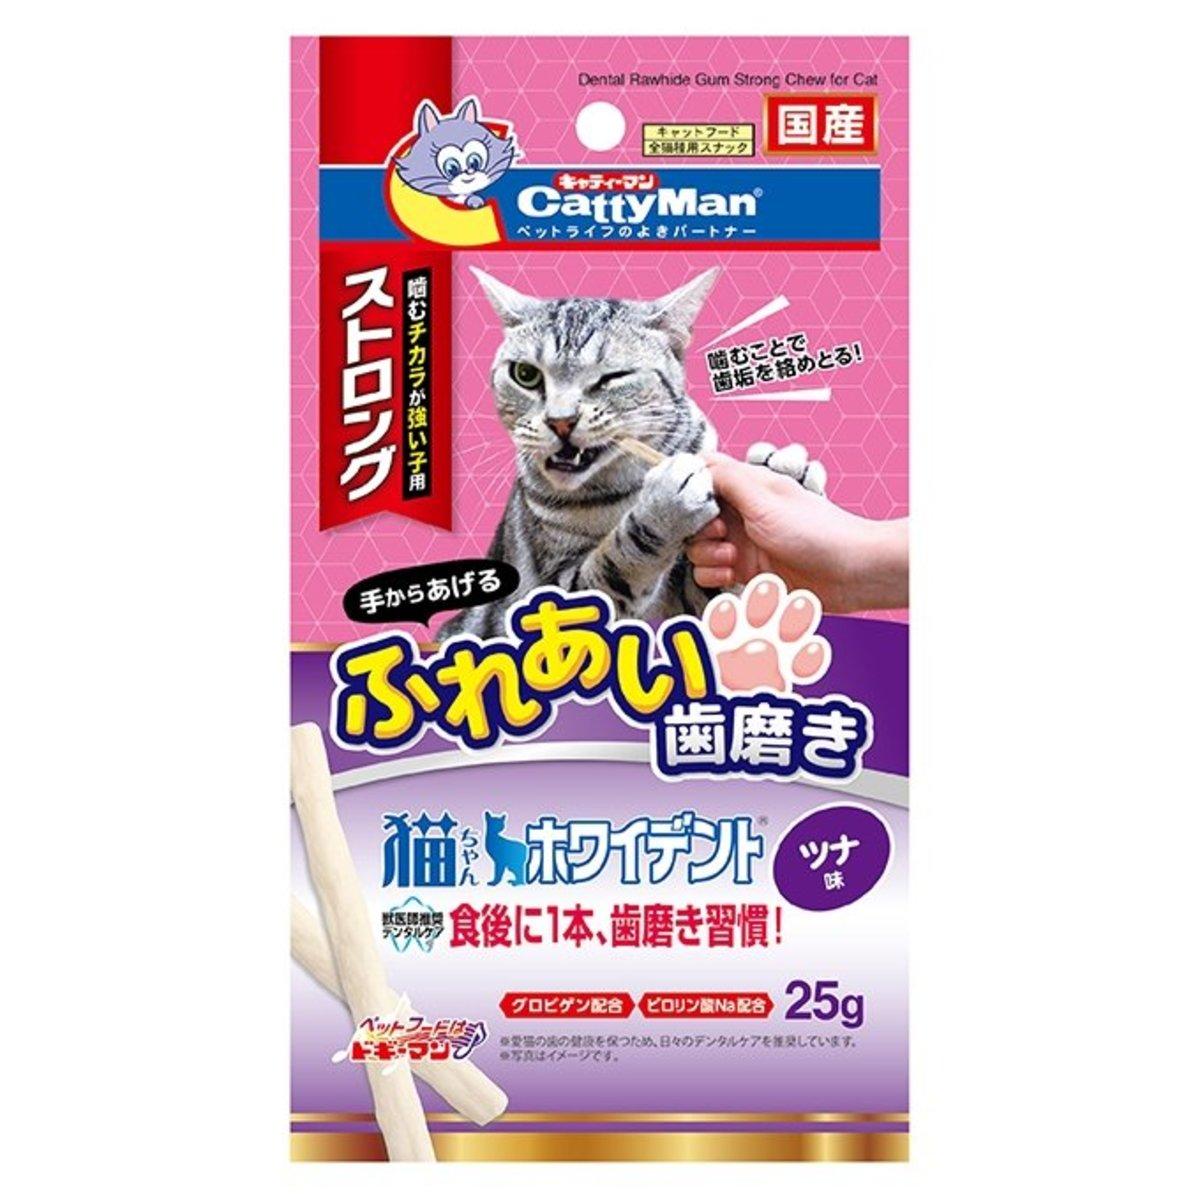 貓用吞拿魚潔齒棒 (25g) #82061 C4